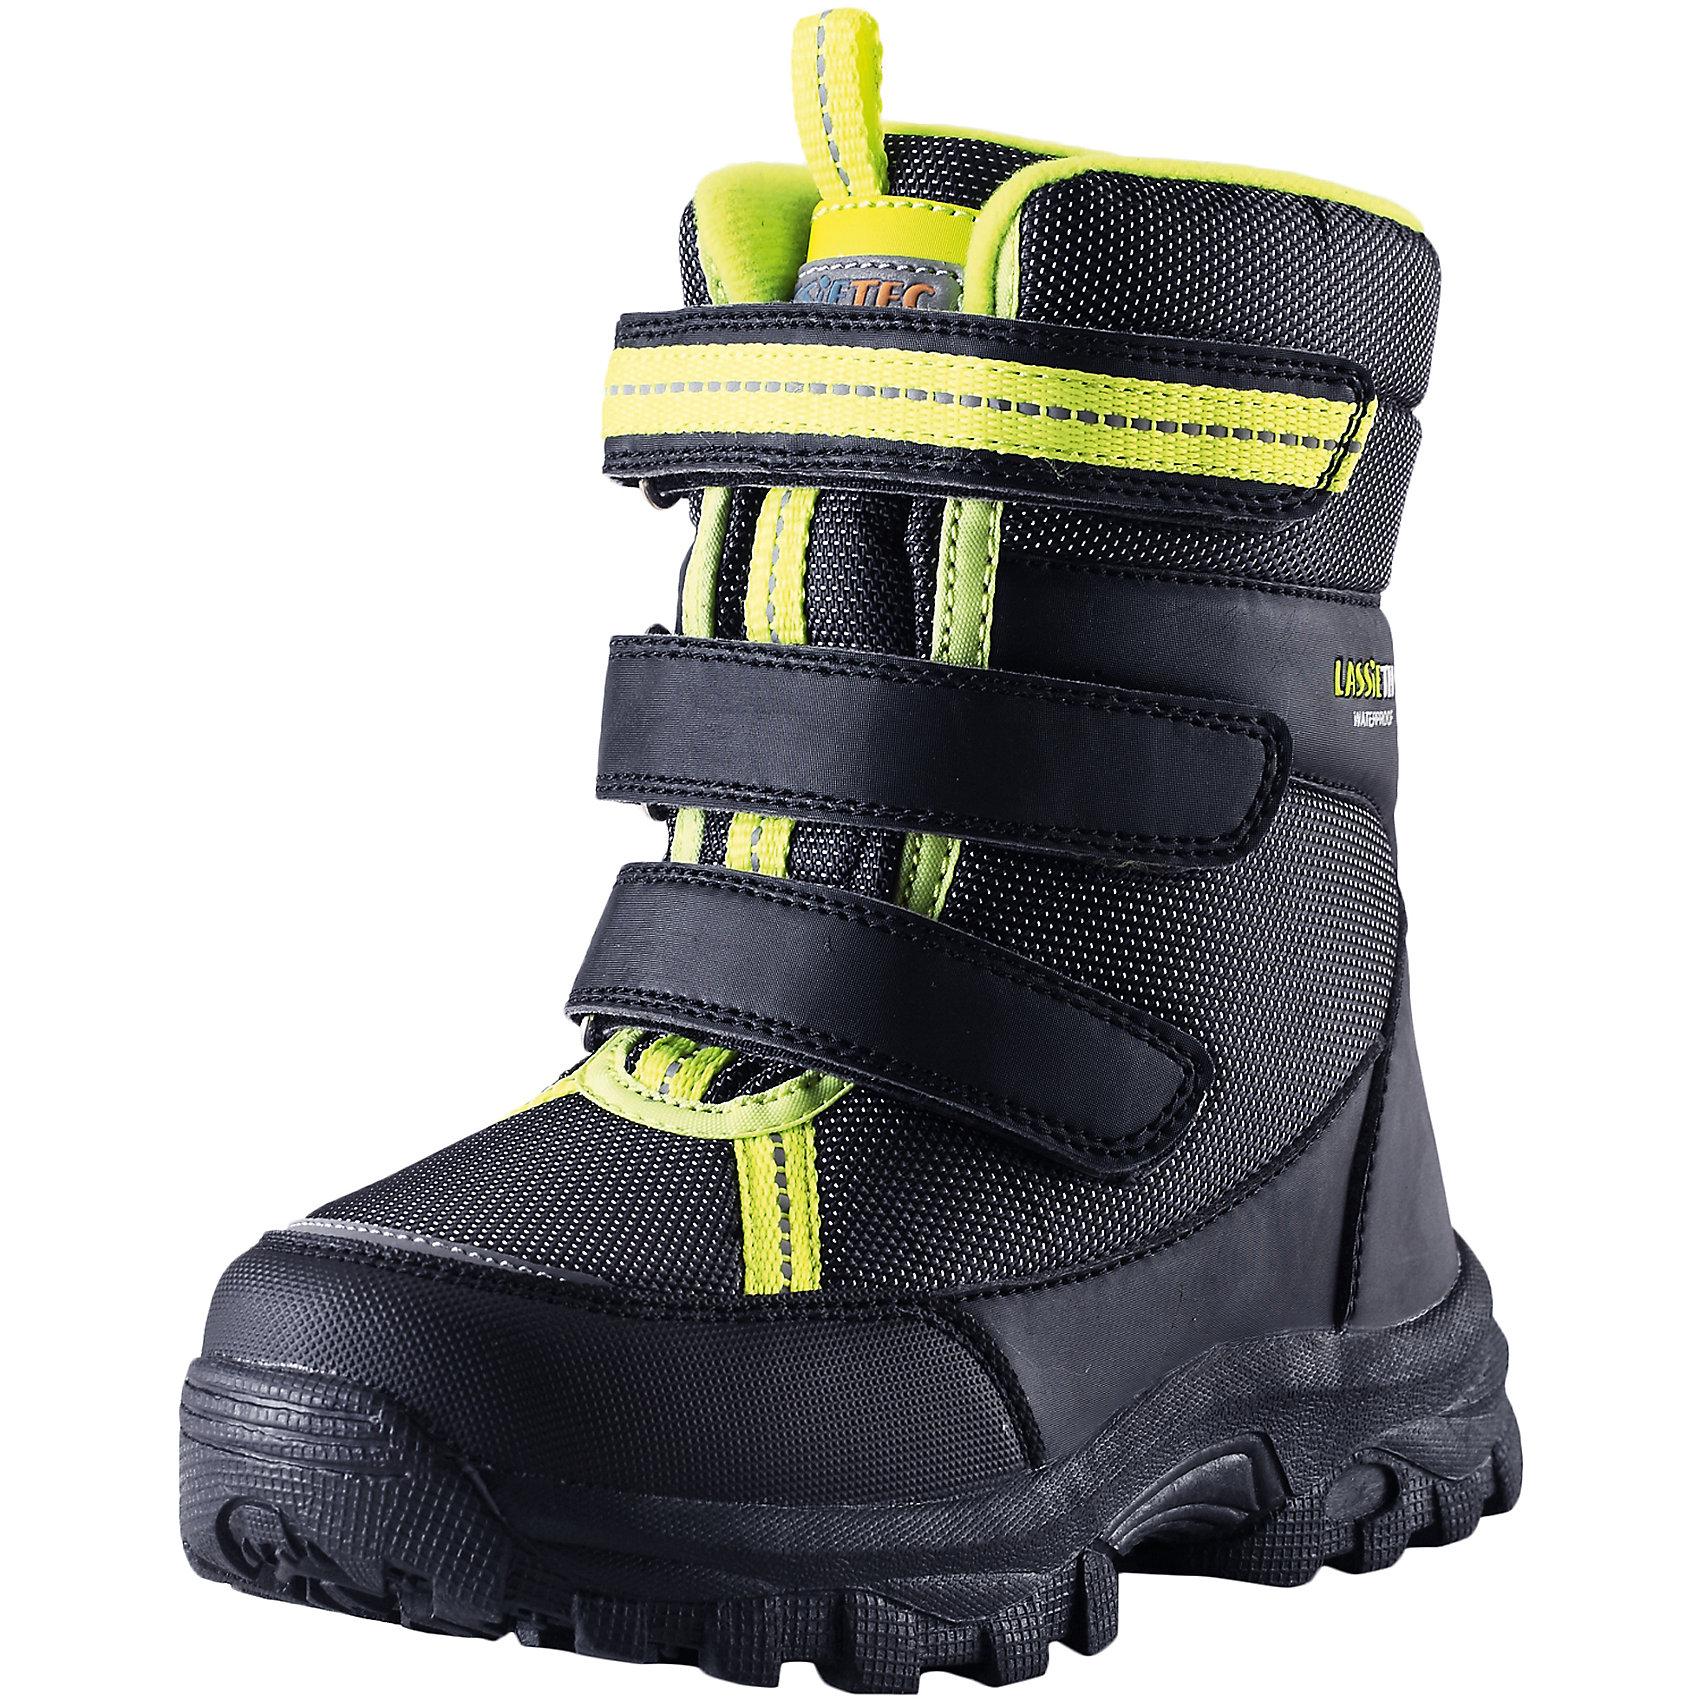 Ботинки LassieОбувь<br>Зимние сапоги для детей Lassietec®. <br><br>-Водонепроницаемая зимняя обувь.<br>- Верх из синтетического материала и текстиля.<br>- Подошва из термопластичного каучука обеспечивает хорошее сцепление с поверхностью. <br>-Водонепроницаемая конструкция с герметичными вставками и подкладкой из искусственного меха.<br>- Съемные стелькиЗастежки на липучках обеспечивают простоту использования. <br>-Светоотражающие детали. <br><br>Храните обувь в вертикальном положении при комнатной температуре. Сушить обувь всегда следует при комнатной температуре: вынув съемные стельки. Стельки следует время от времени заменять на новые. Налипшую грязь можно счищать щеткой или влажной тряпкой. Перед использованием обувь рекомендуется обрабатывать специальными защитными средствами.<br><br>Состав: Подошва: Термопластиковая резина, Верх: 80% Брезент 20% ПУ.<br><br>Ширина мм: 257<br>Глубина мм: 180<br>Высота мм: 130<br>Вес г: 420<br>Цвет: черный<br>Возраст от месяцев: 21<br>Возраст до месяцев: 24<br>Пол: Унисекс<br>Возраст: Детский<br>Размер: 24,38,25,26,27,28,29,30,31,32,33,34,35,36,37<br>SKU: 4780856